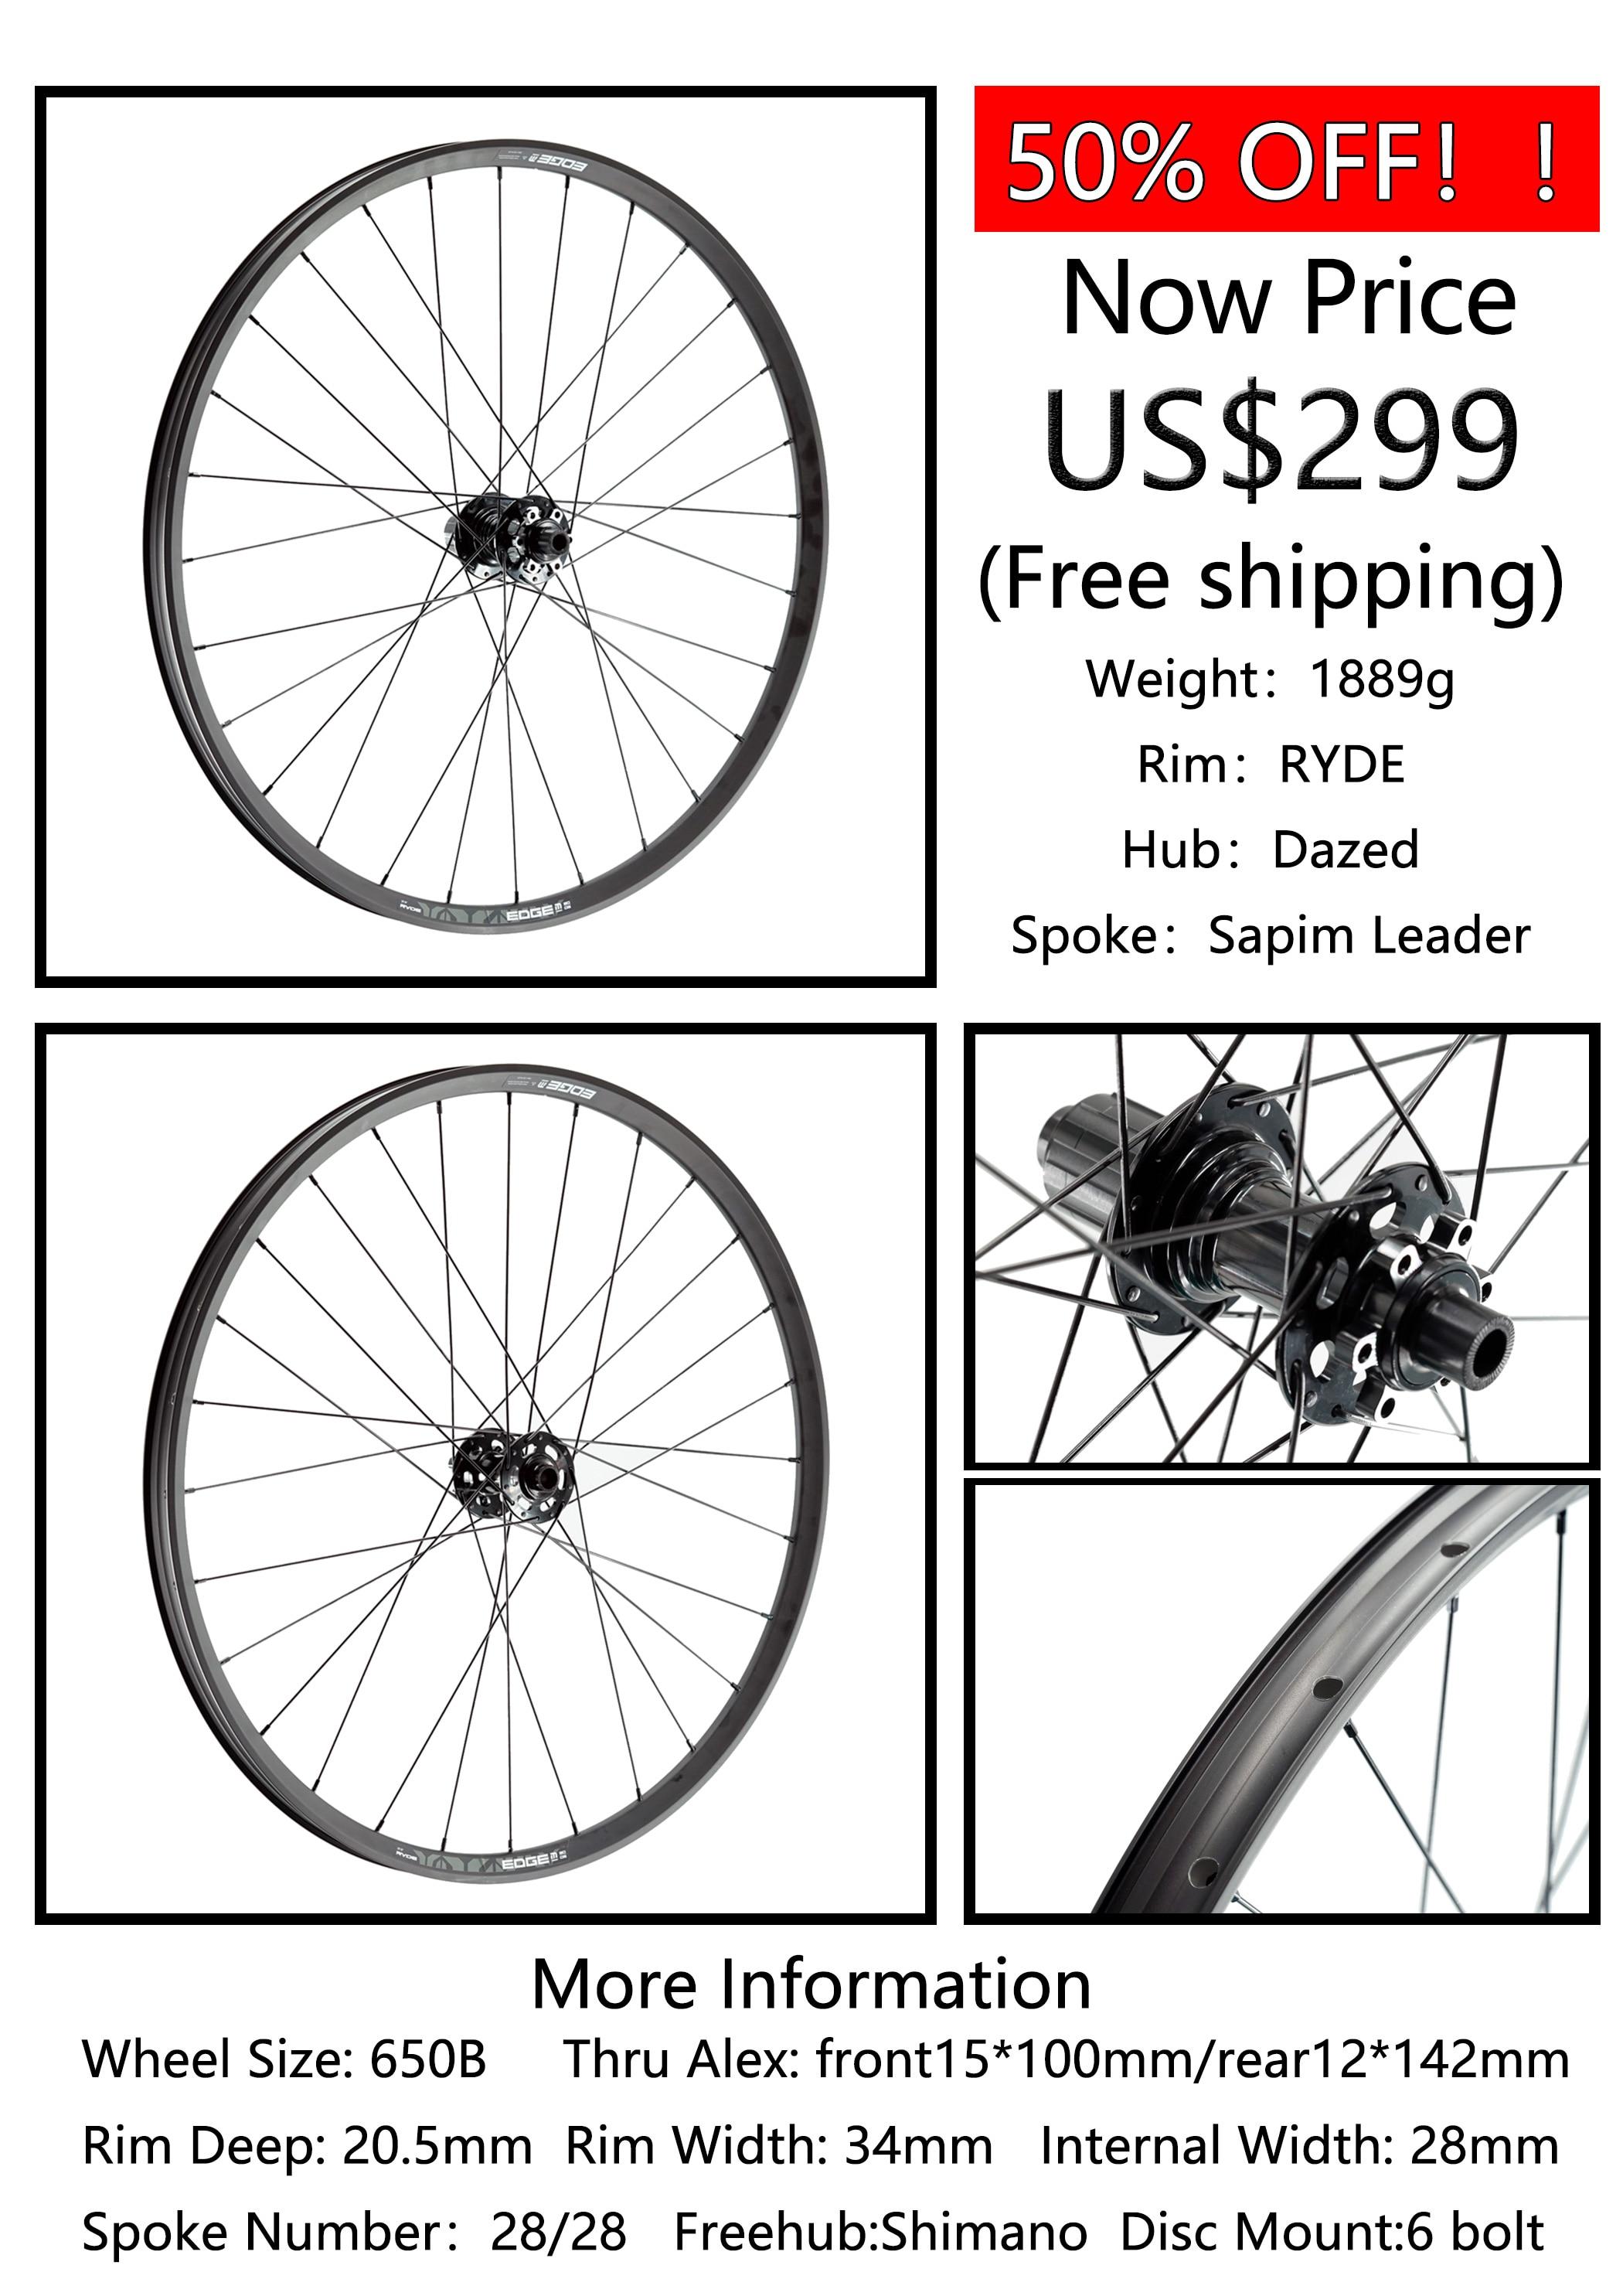 Livraison gratuite paire de roues en alliage RYDE M30! 1889g vtt roues 34mm largeur moyeu Dazed 28H jusqu'à 15*100/12*142mm